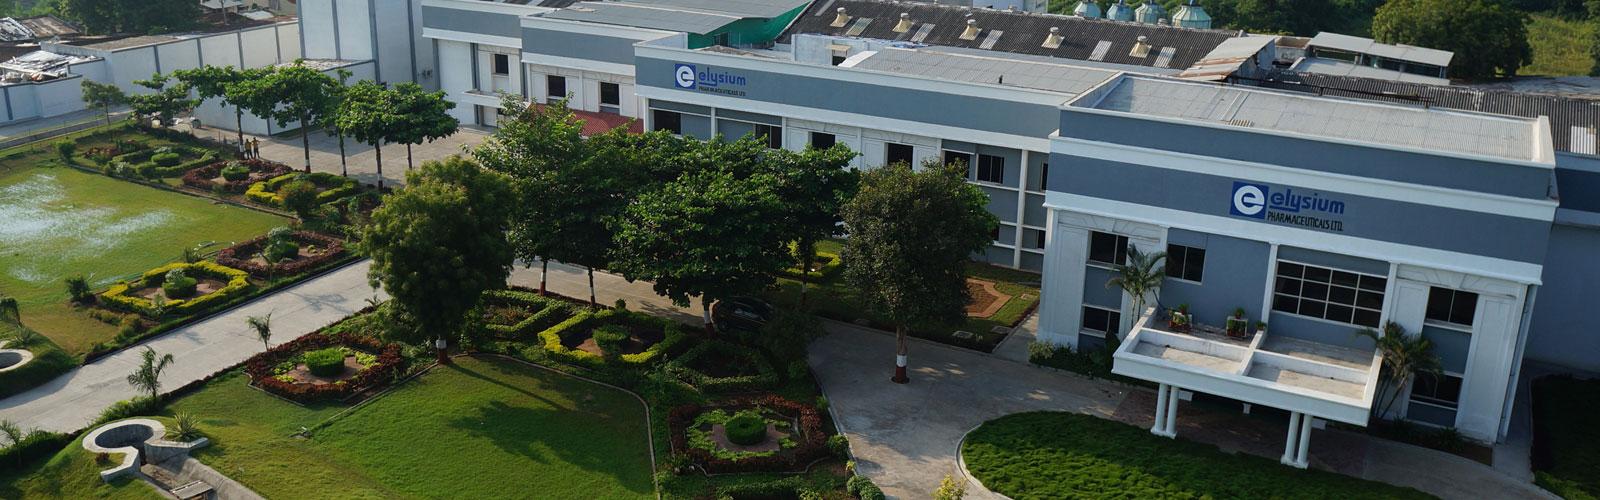 Elysium Pharmaceuticals Ltd